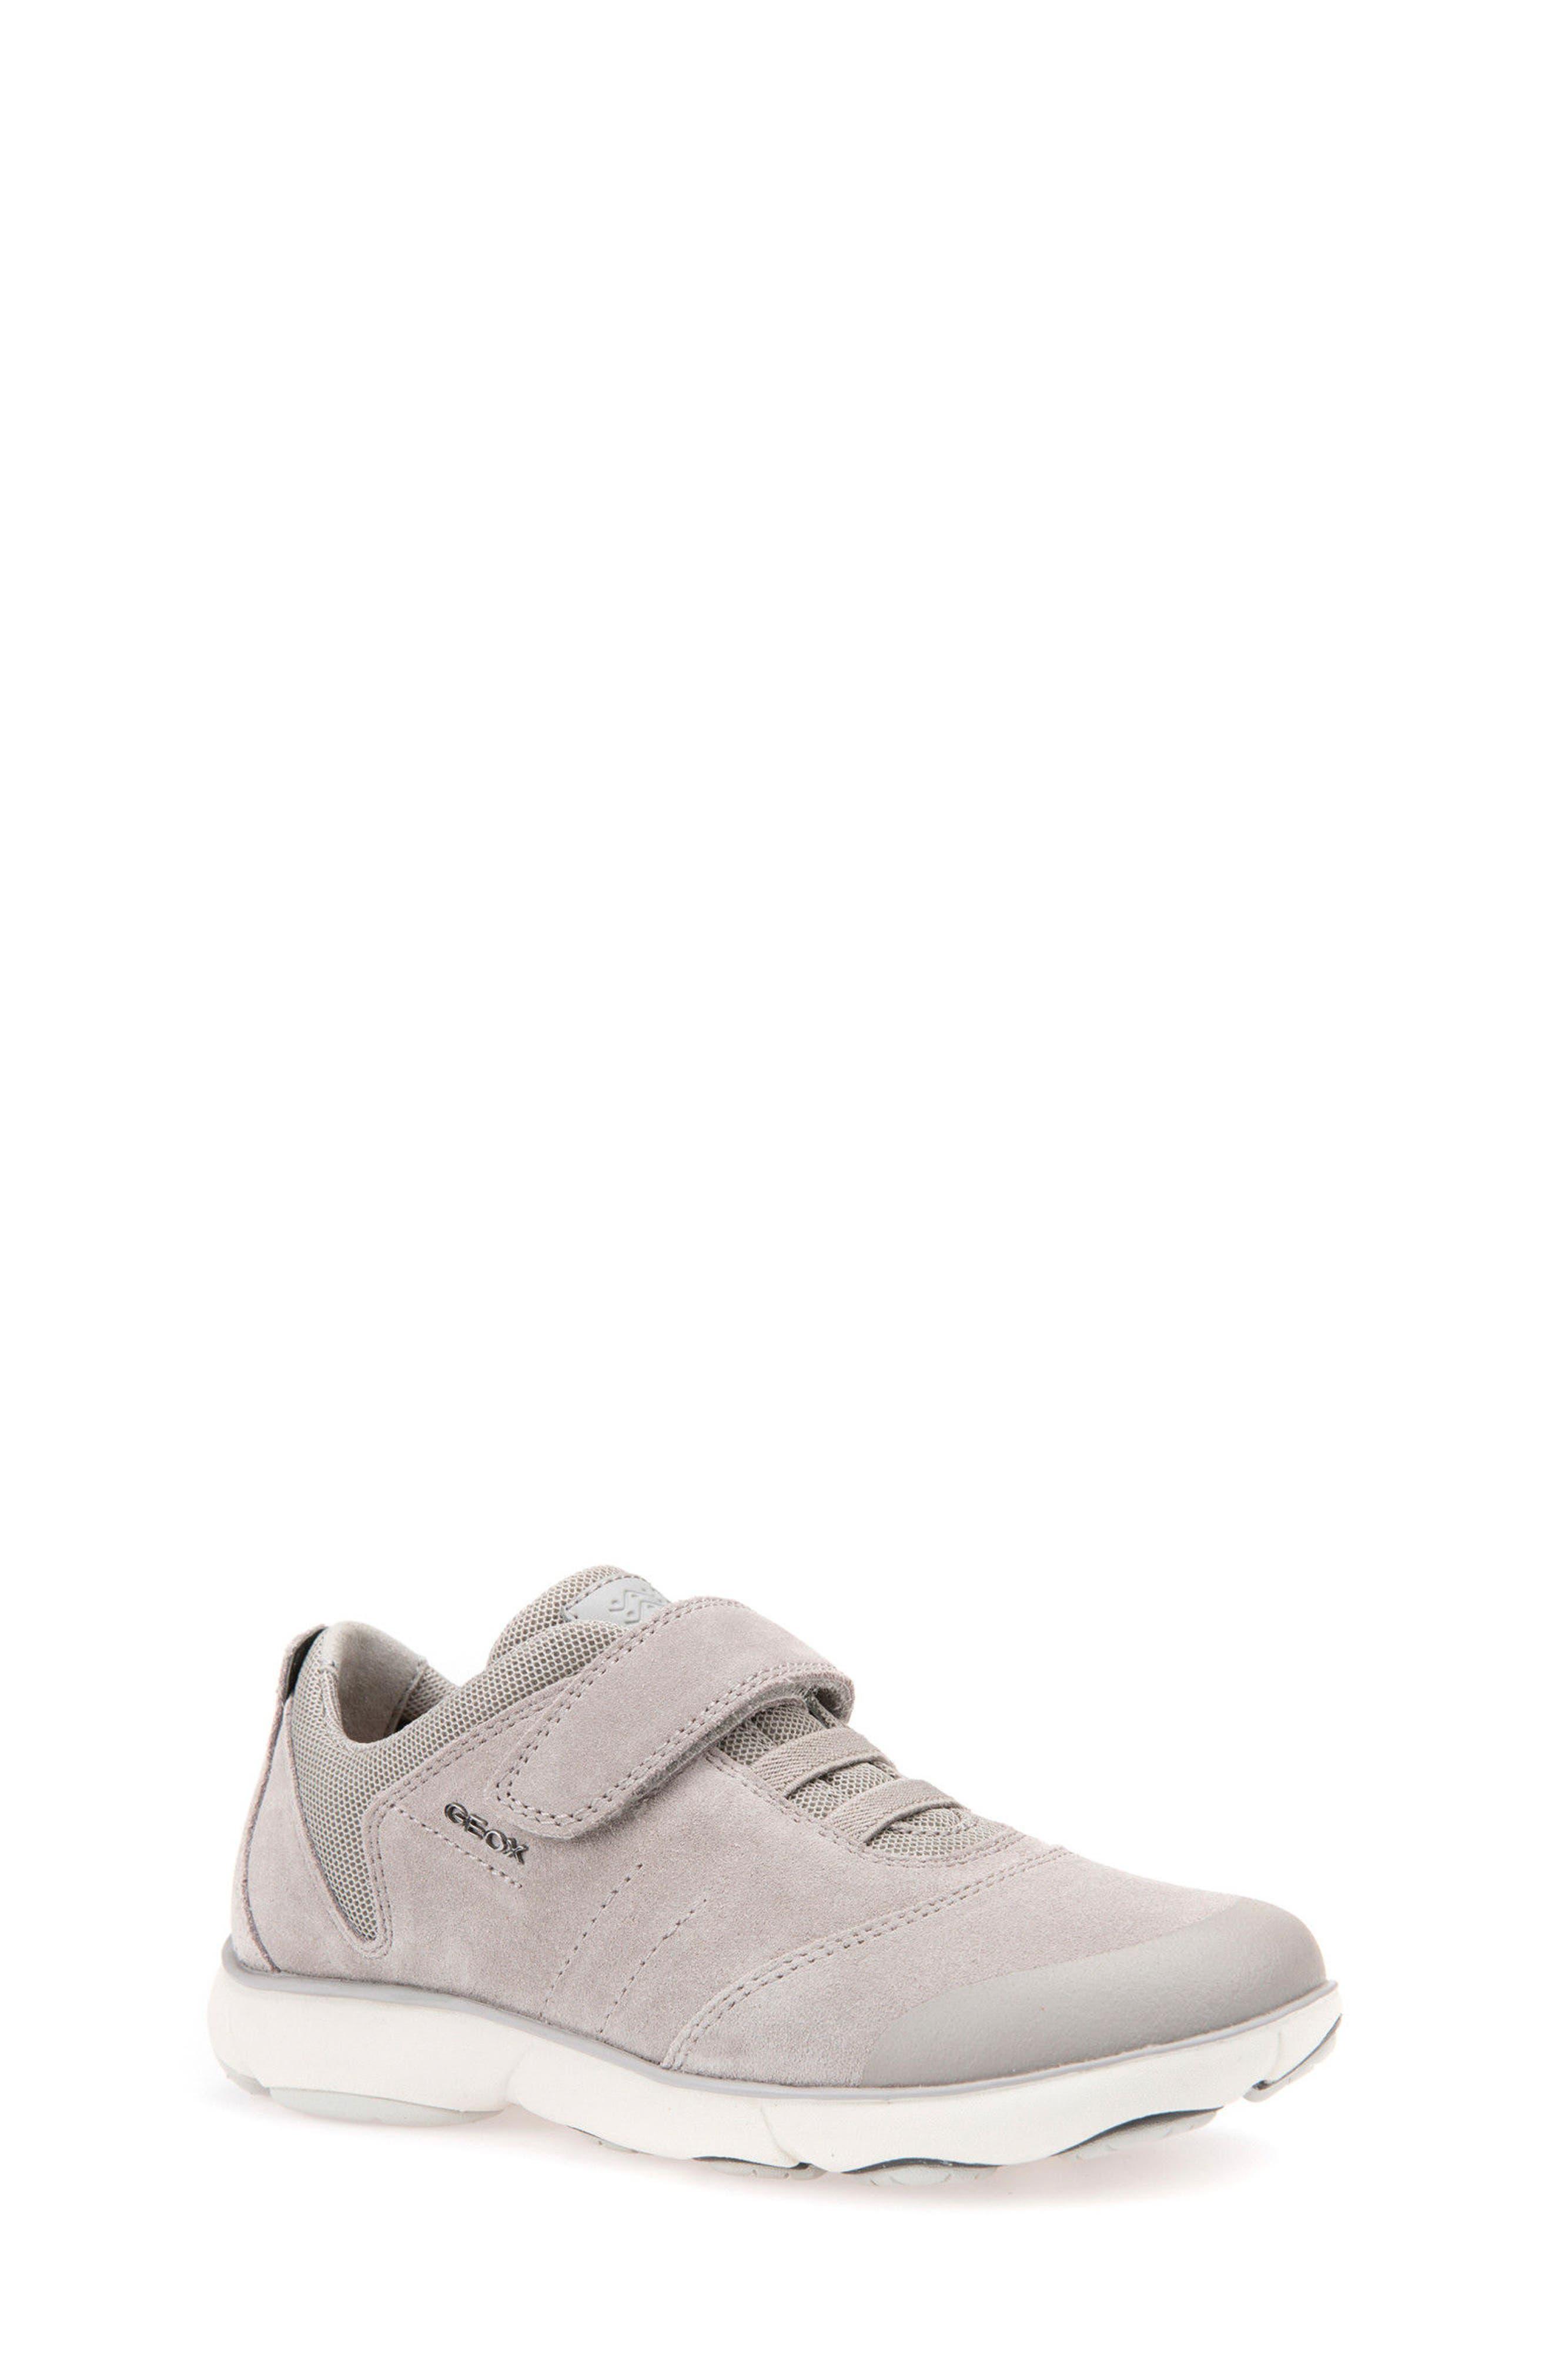 Nebula Low Top Sneaker,                             Main thumbnail 1, color,                             Grey